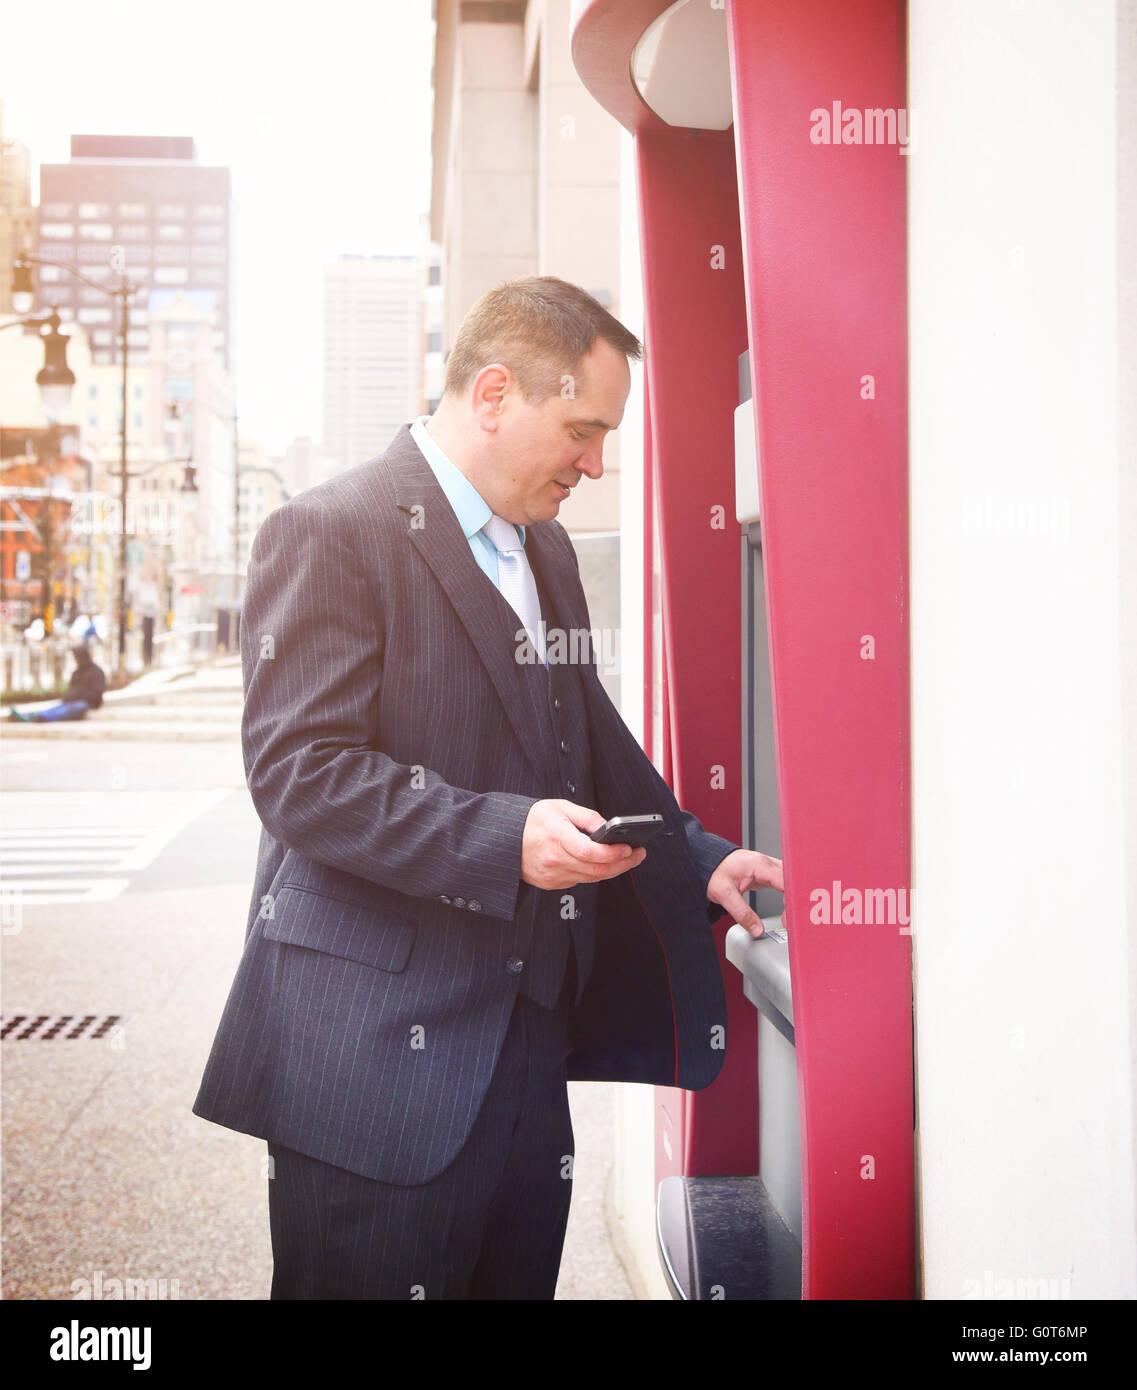 Ein Business-Mann hält eine Telefon und abheben von Geld von seinem Konto an einem Geldautomaten Innenstadt Stockbild